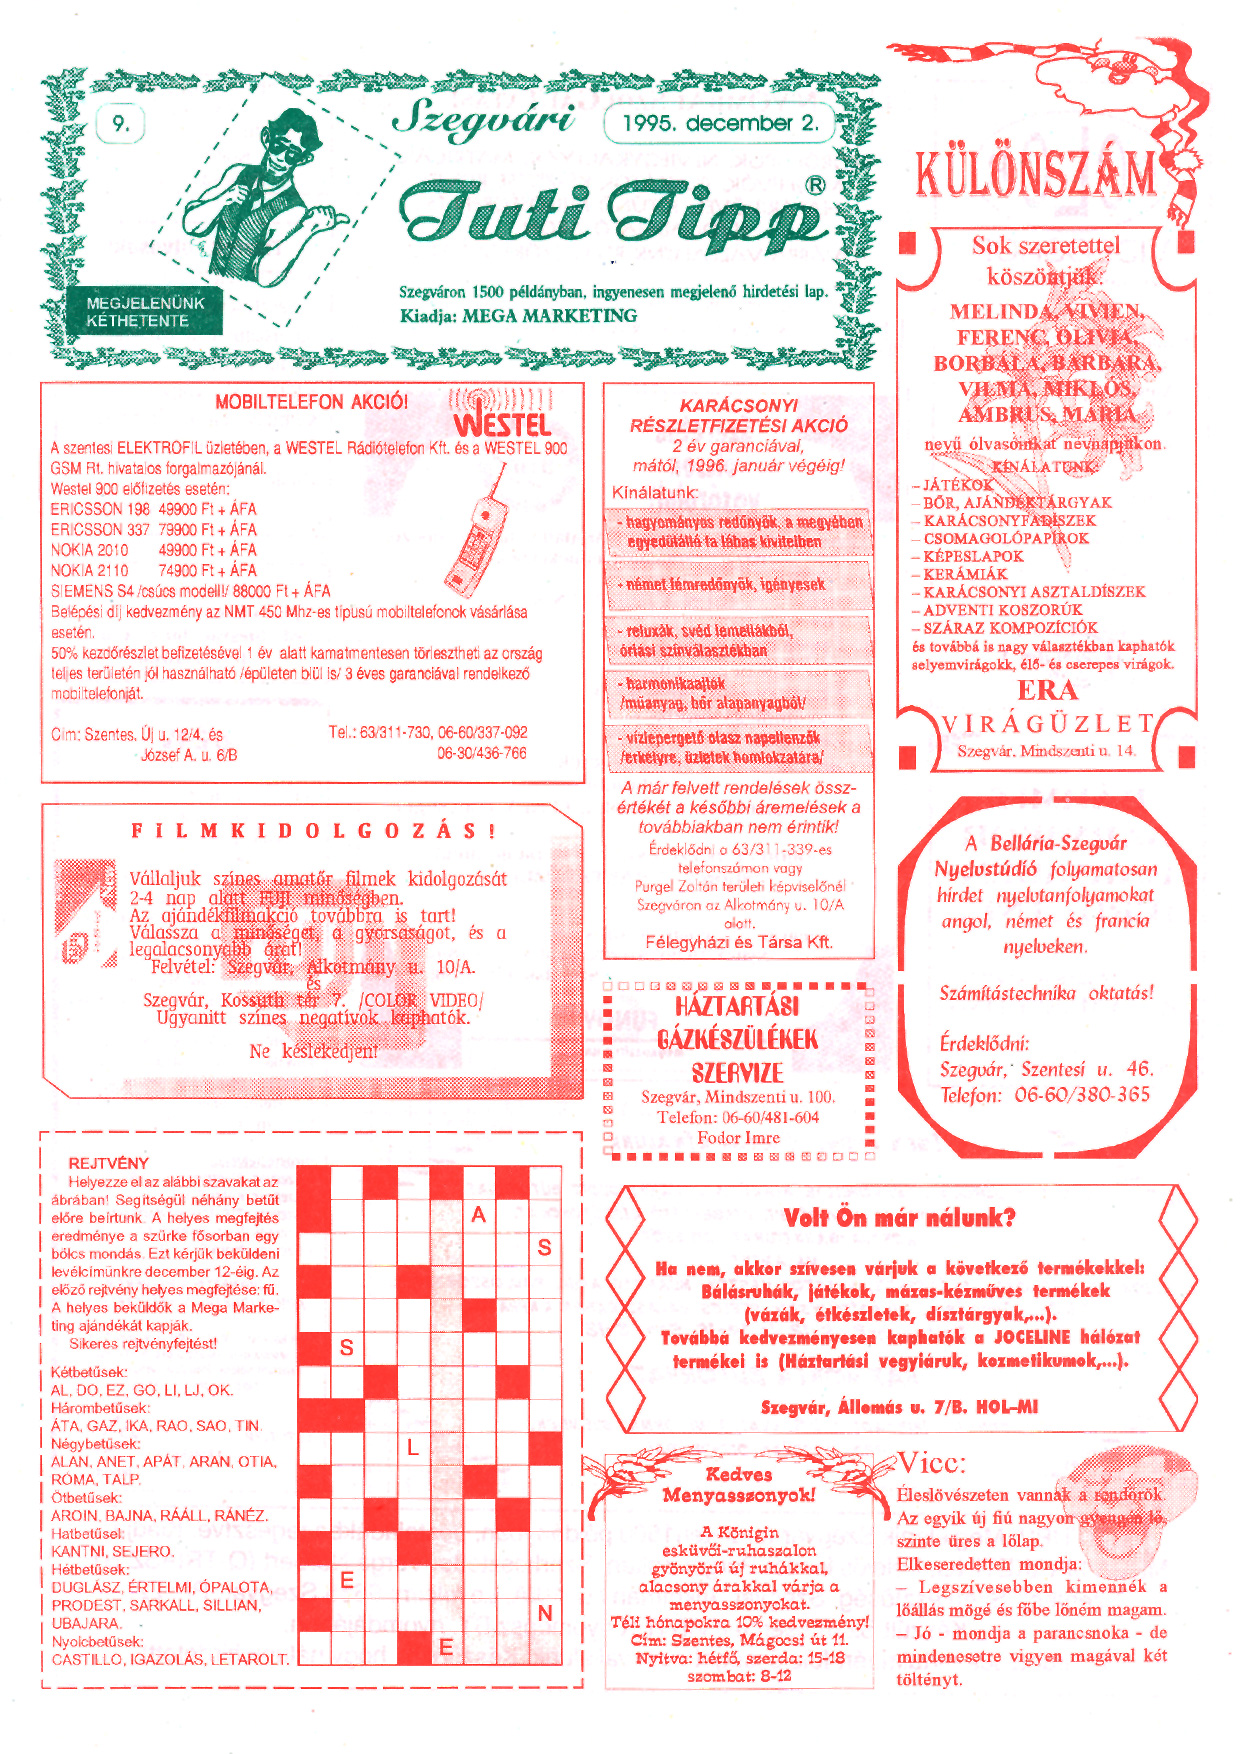 019 Szegvári Tuti Tipp reklámújság - 19951202-009. lapszám -1.oldal - I. évfolyam.jpg